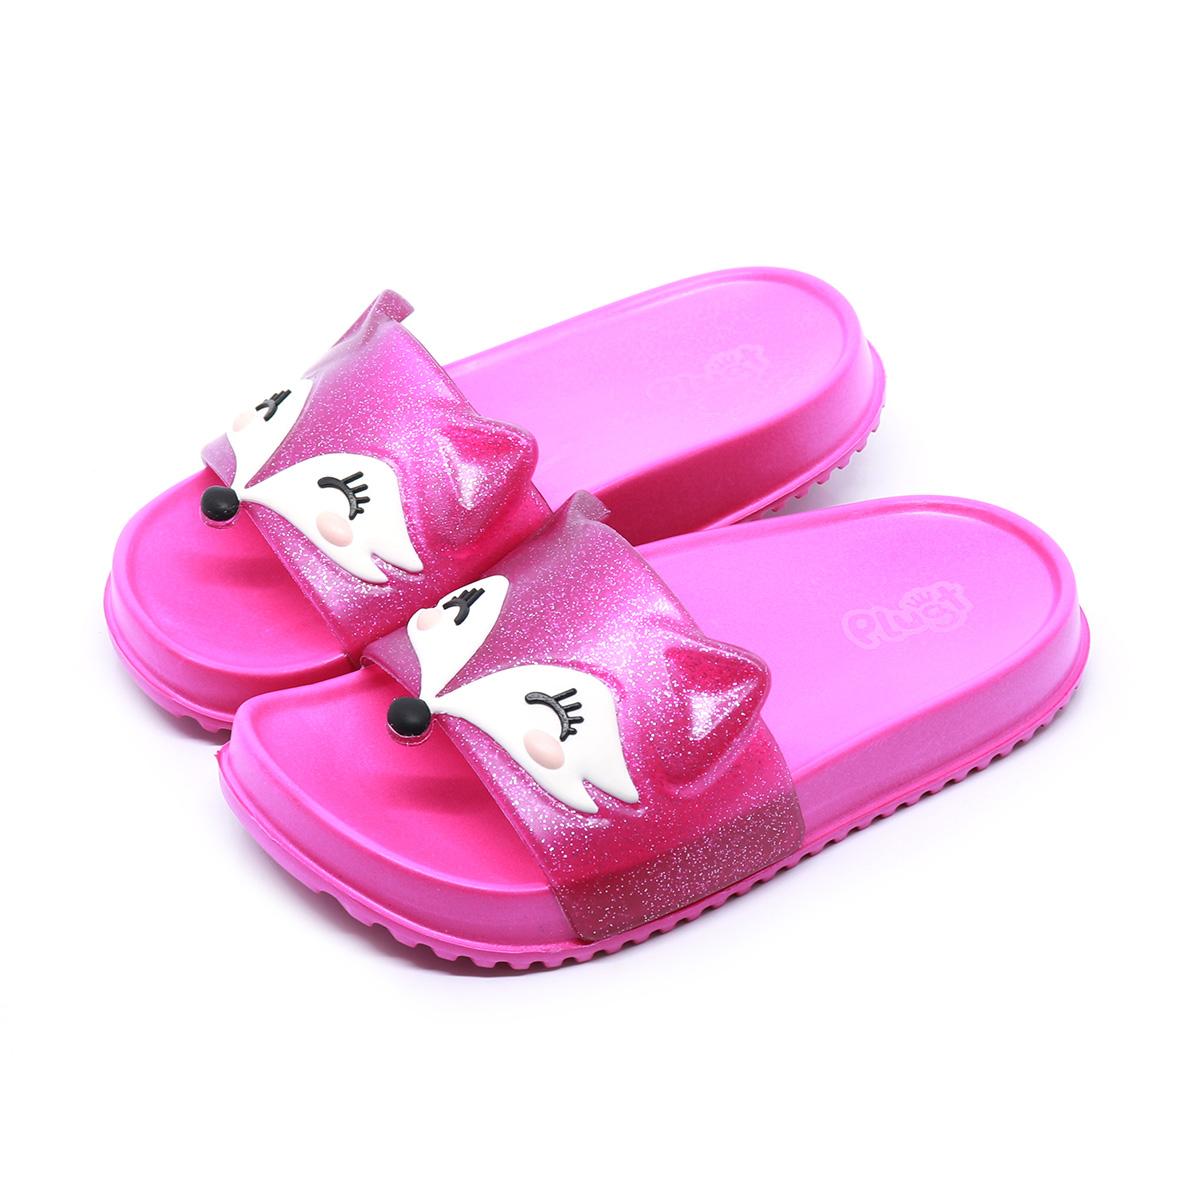 Chinelo Plugt Slide Raposa Gliter Pink